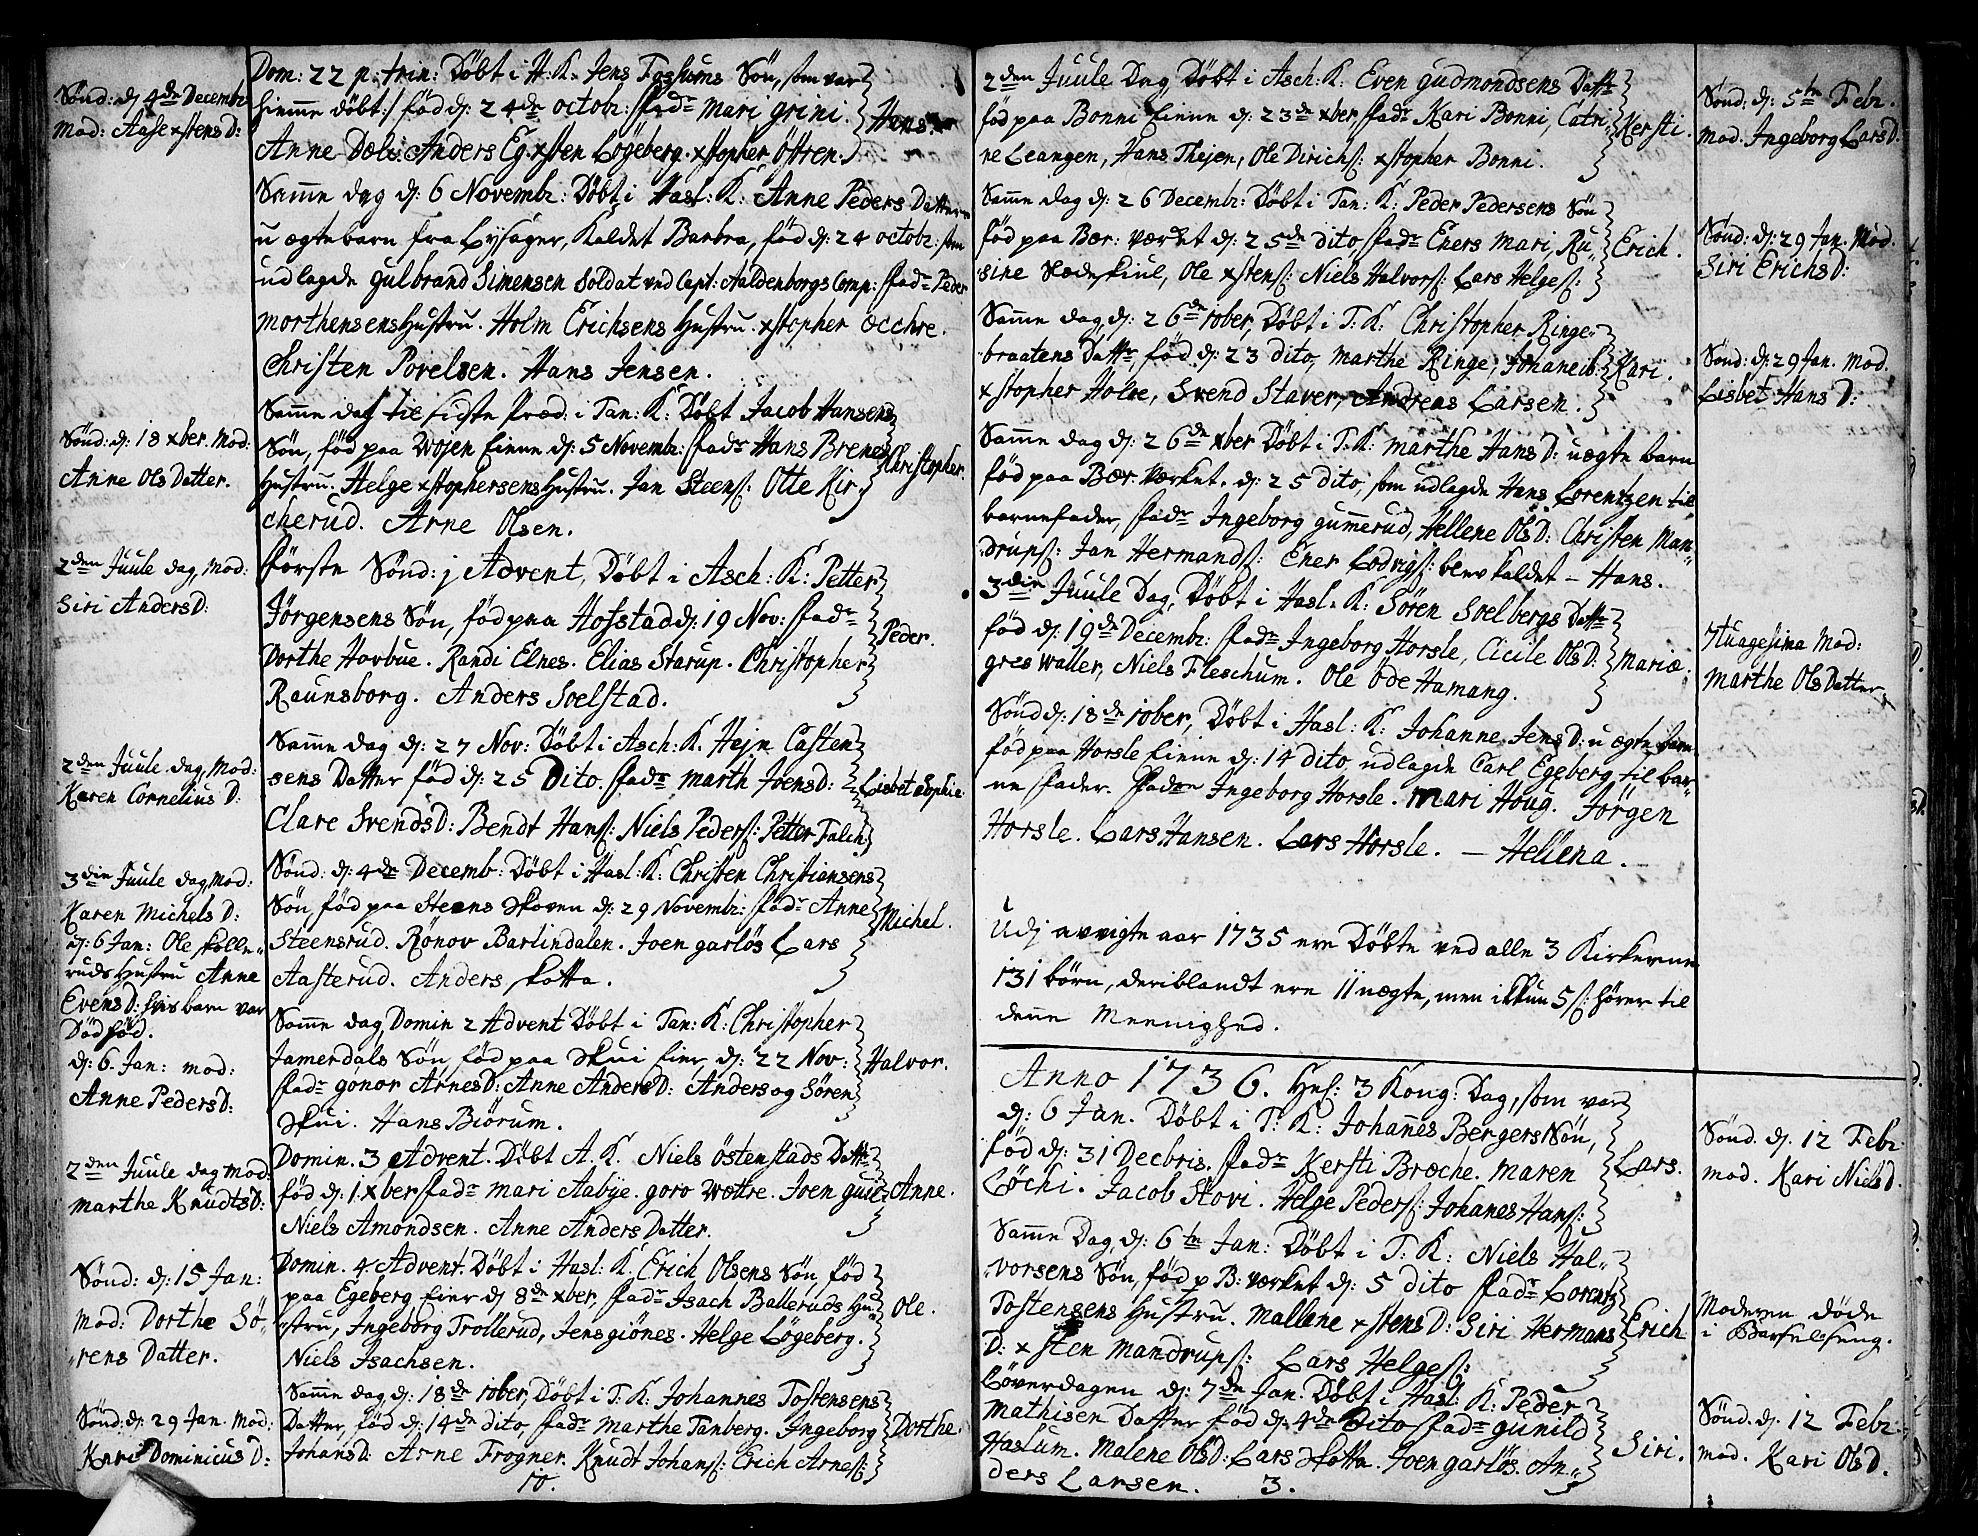 SAO, Asker prestekontor Kirkebøker, F/Fa/L0001: Ministerialbok nr. I 1, 1726-1744, s. 40